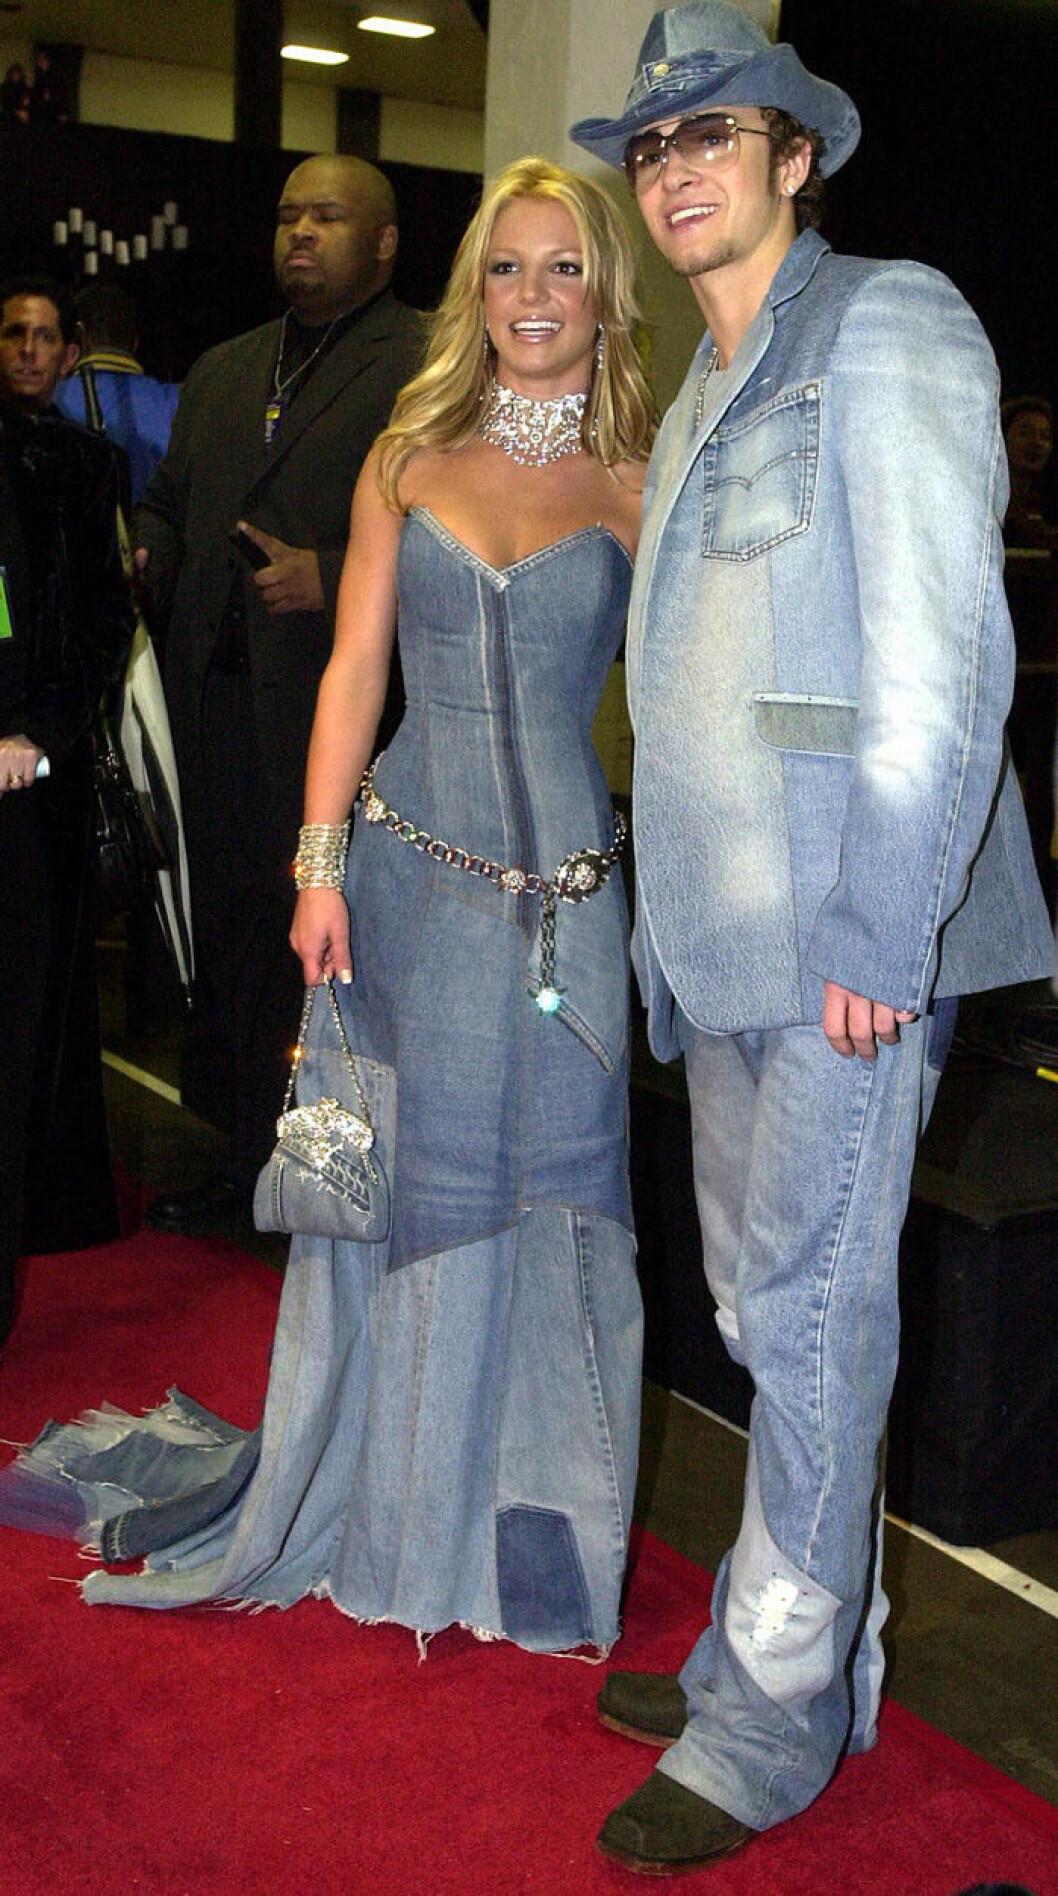 En bild på Britney Spears och Justin Timberlake, 2001, under AMA-Awards.